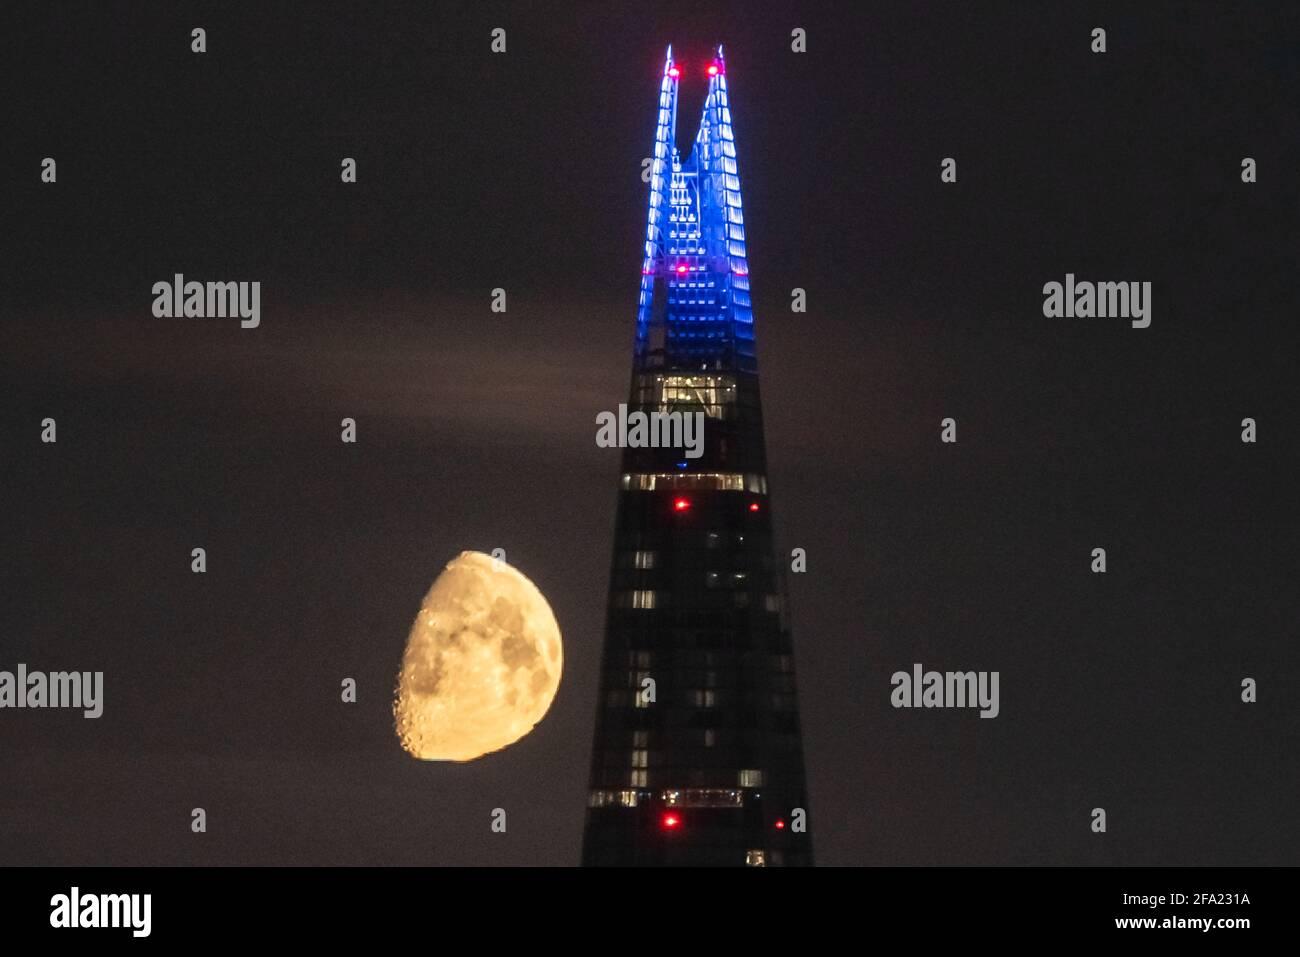 Londra, Regno Unito. 22 aprile 2021. UK Weather: Una luna Gibbous al 75% di Waxing continua a impostare nelle prime ore del giovedì, muovendosi dietro l'edificio del grattacielo Shard seguendo una direzione nord occidentale. Credit: Guy Corbishley/Alamy Live News Foto Stock